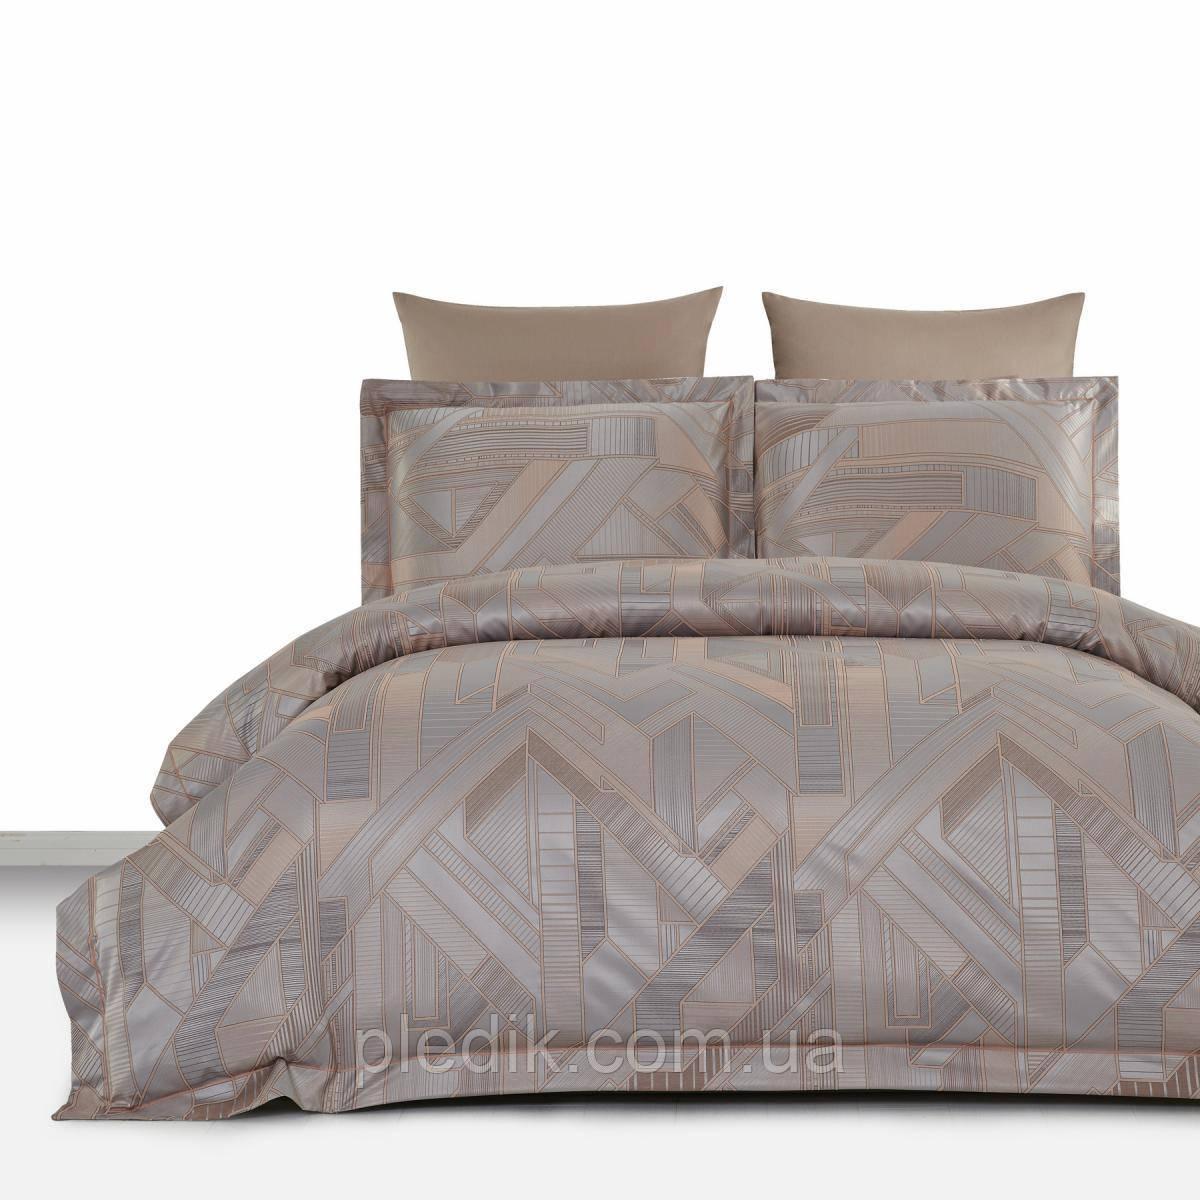 Двуспальное постельное белье 200х220 Arya Бамбук-жаккард Tencel Kalina